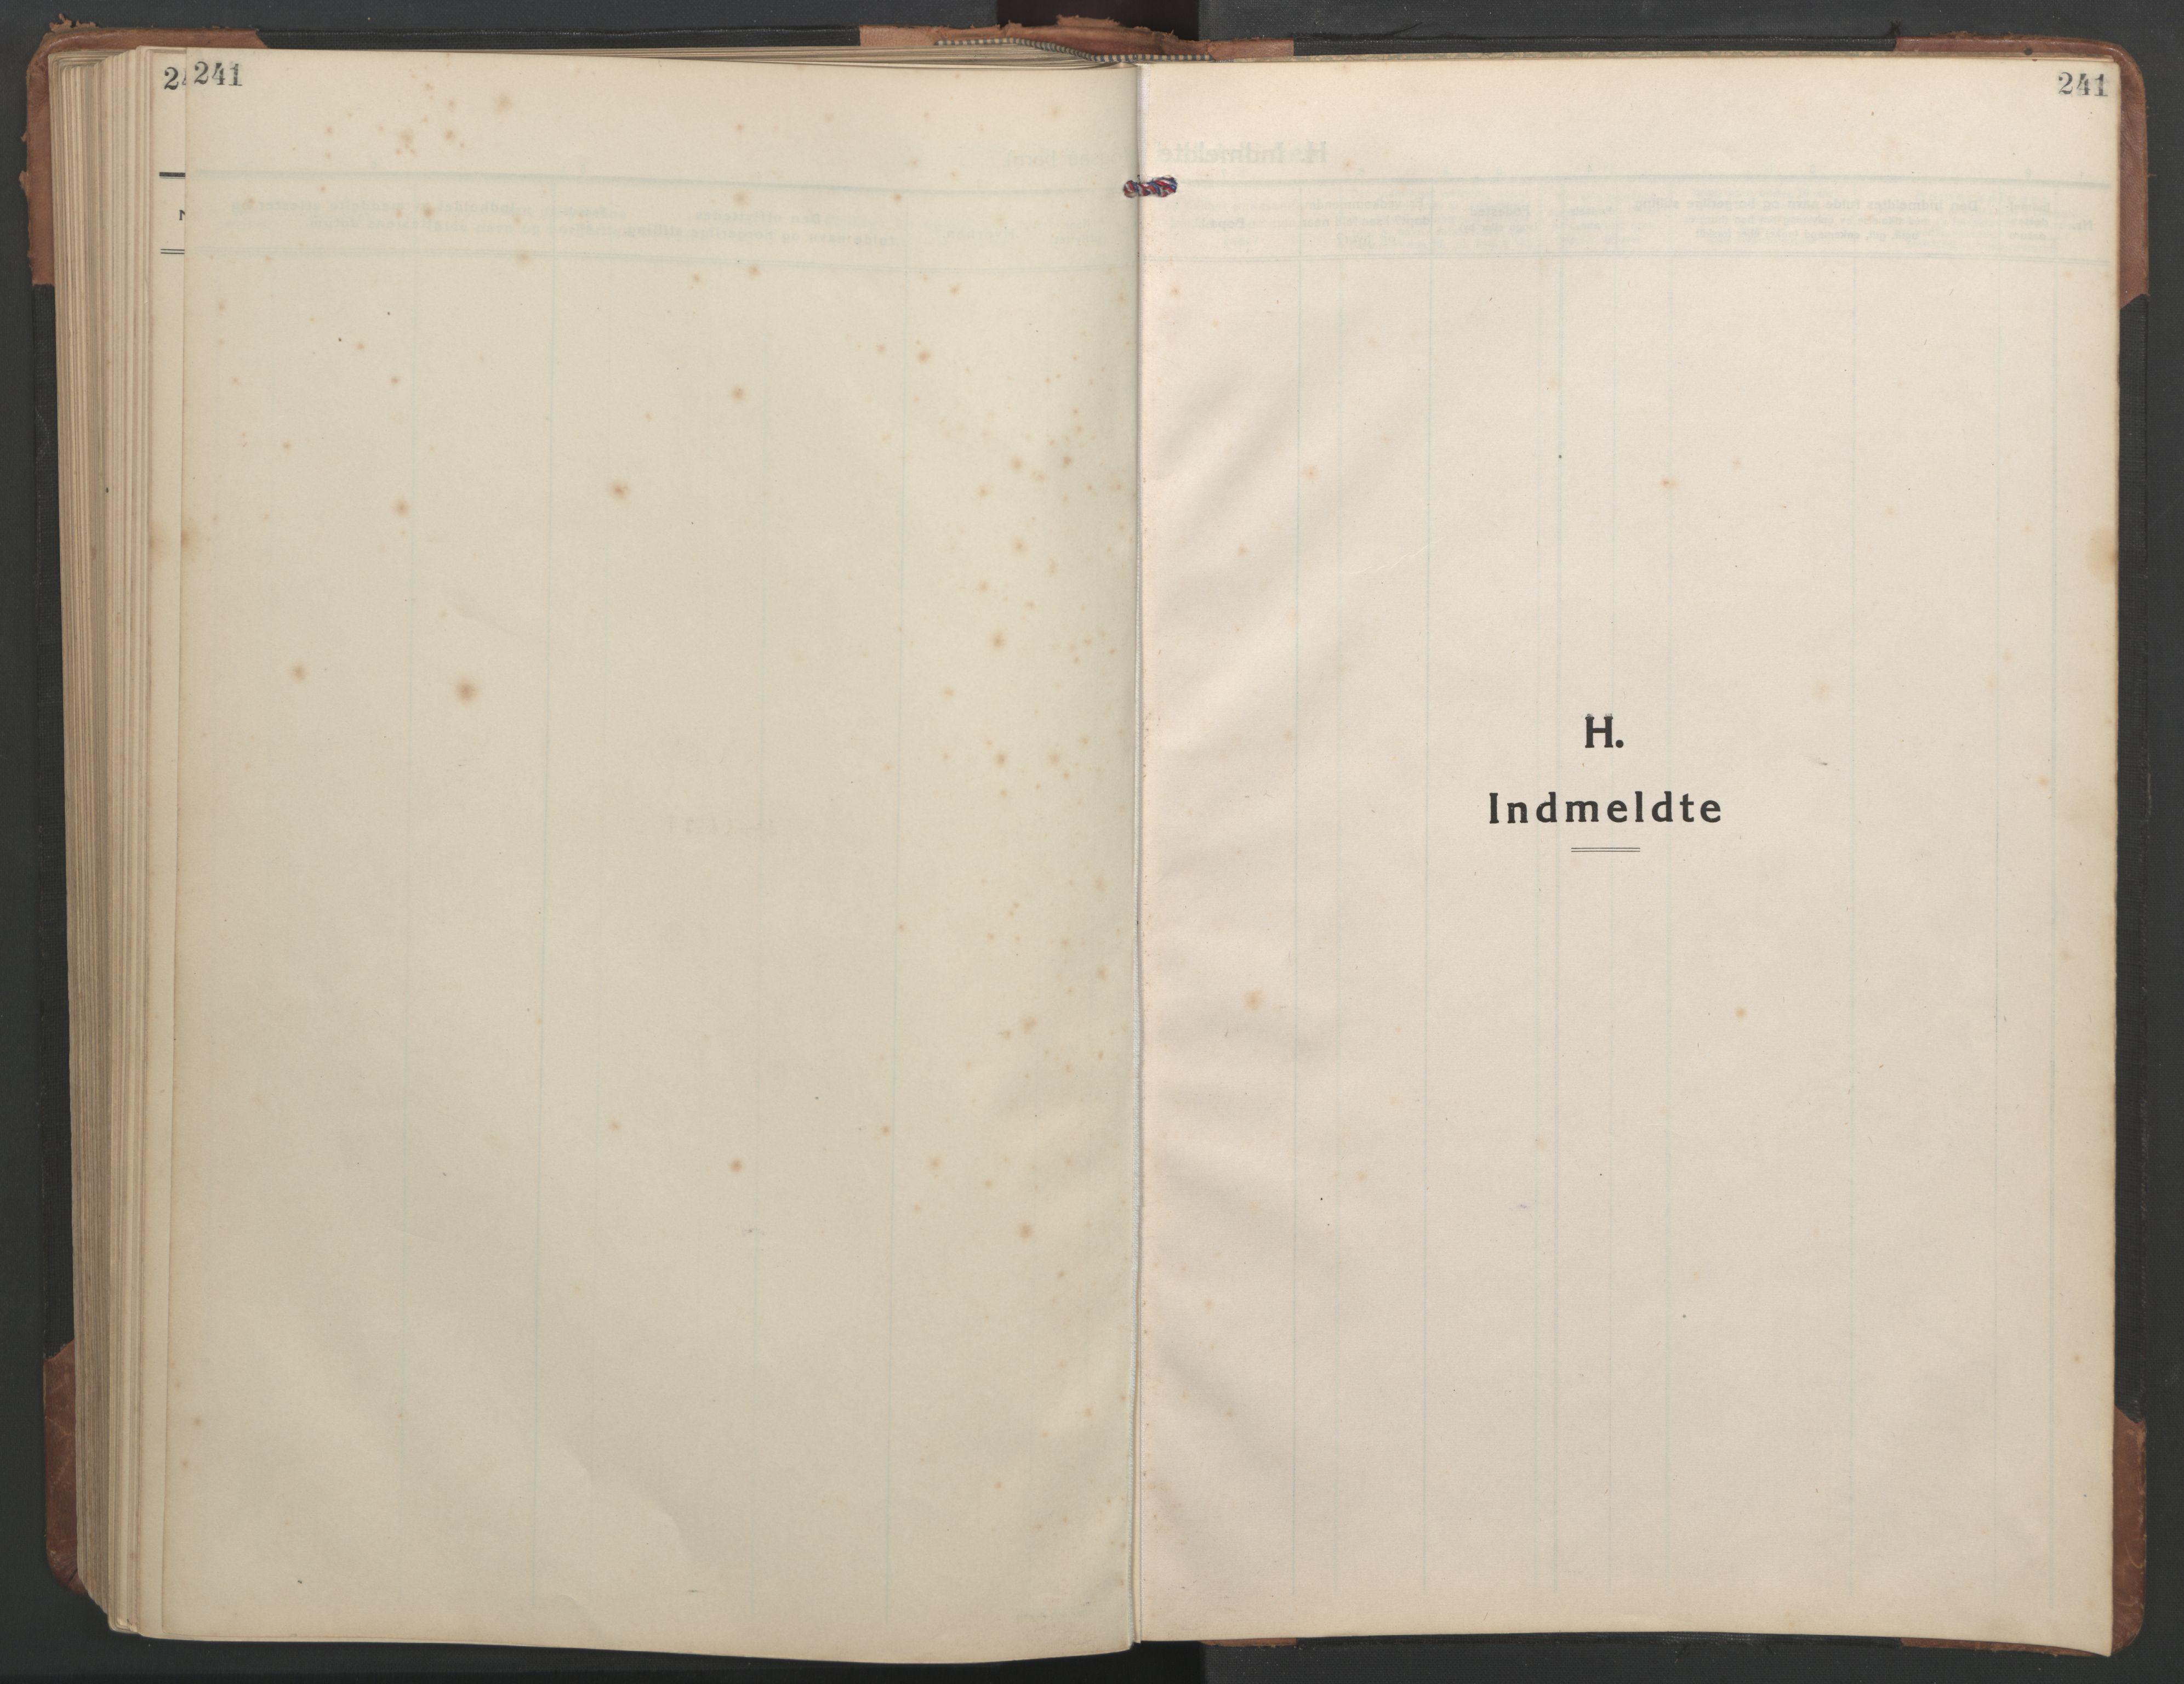 SAT, Ministerialprotokoller, klokkerbøker og fødselsregistre - Sør-Trøndelag, 638/L0569: Klokkerbok nr. 638C01, 1923-1961, s. 241